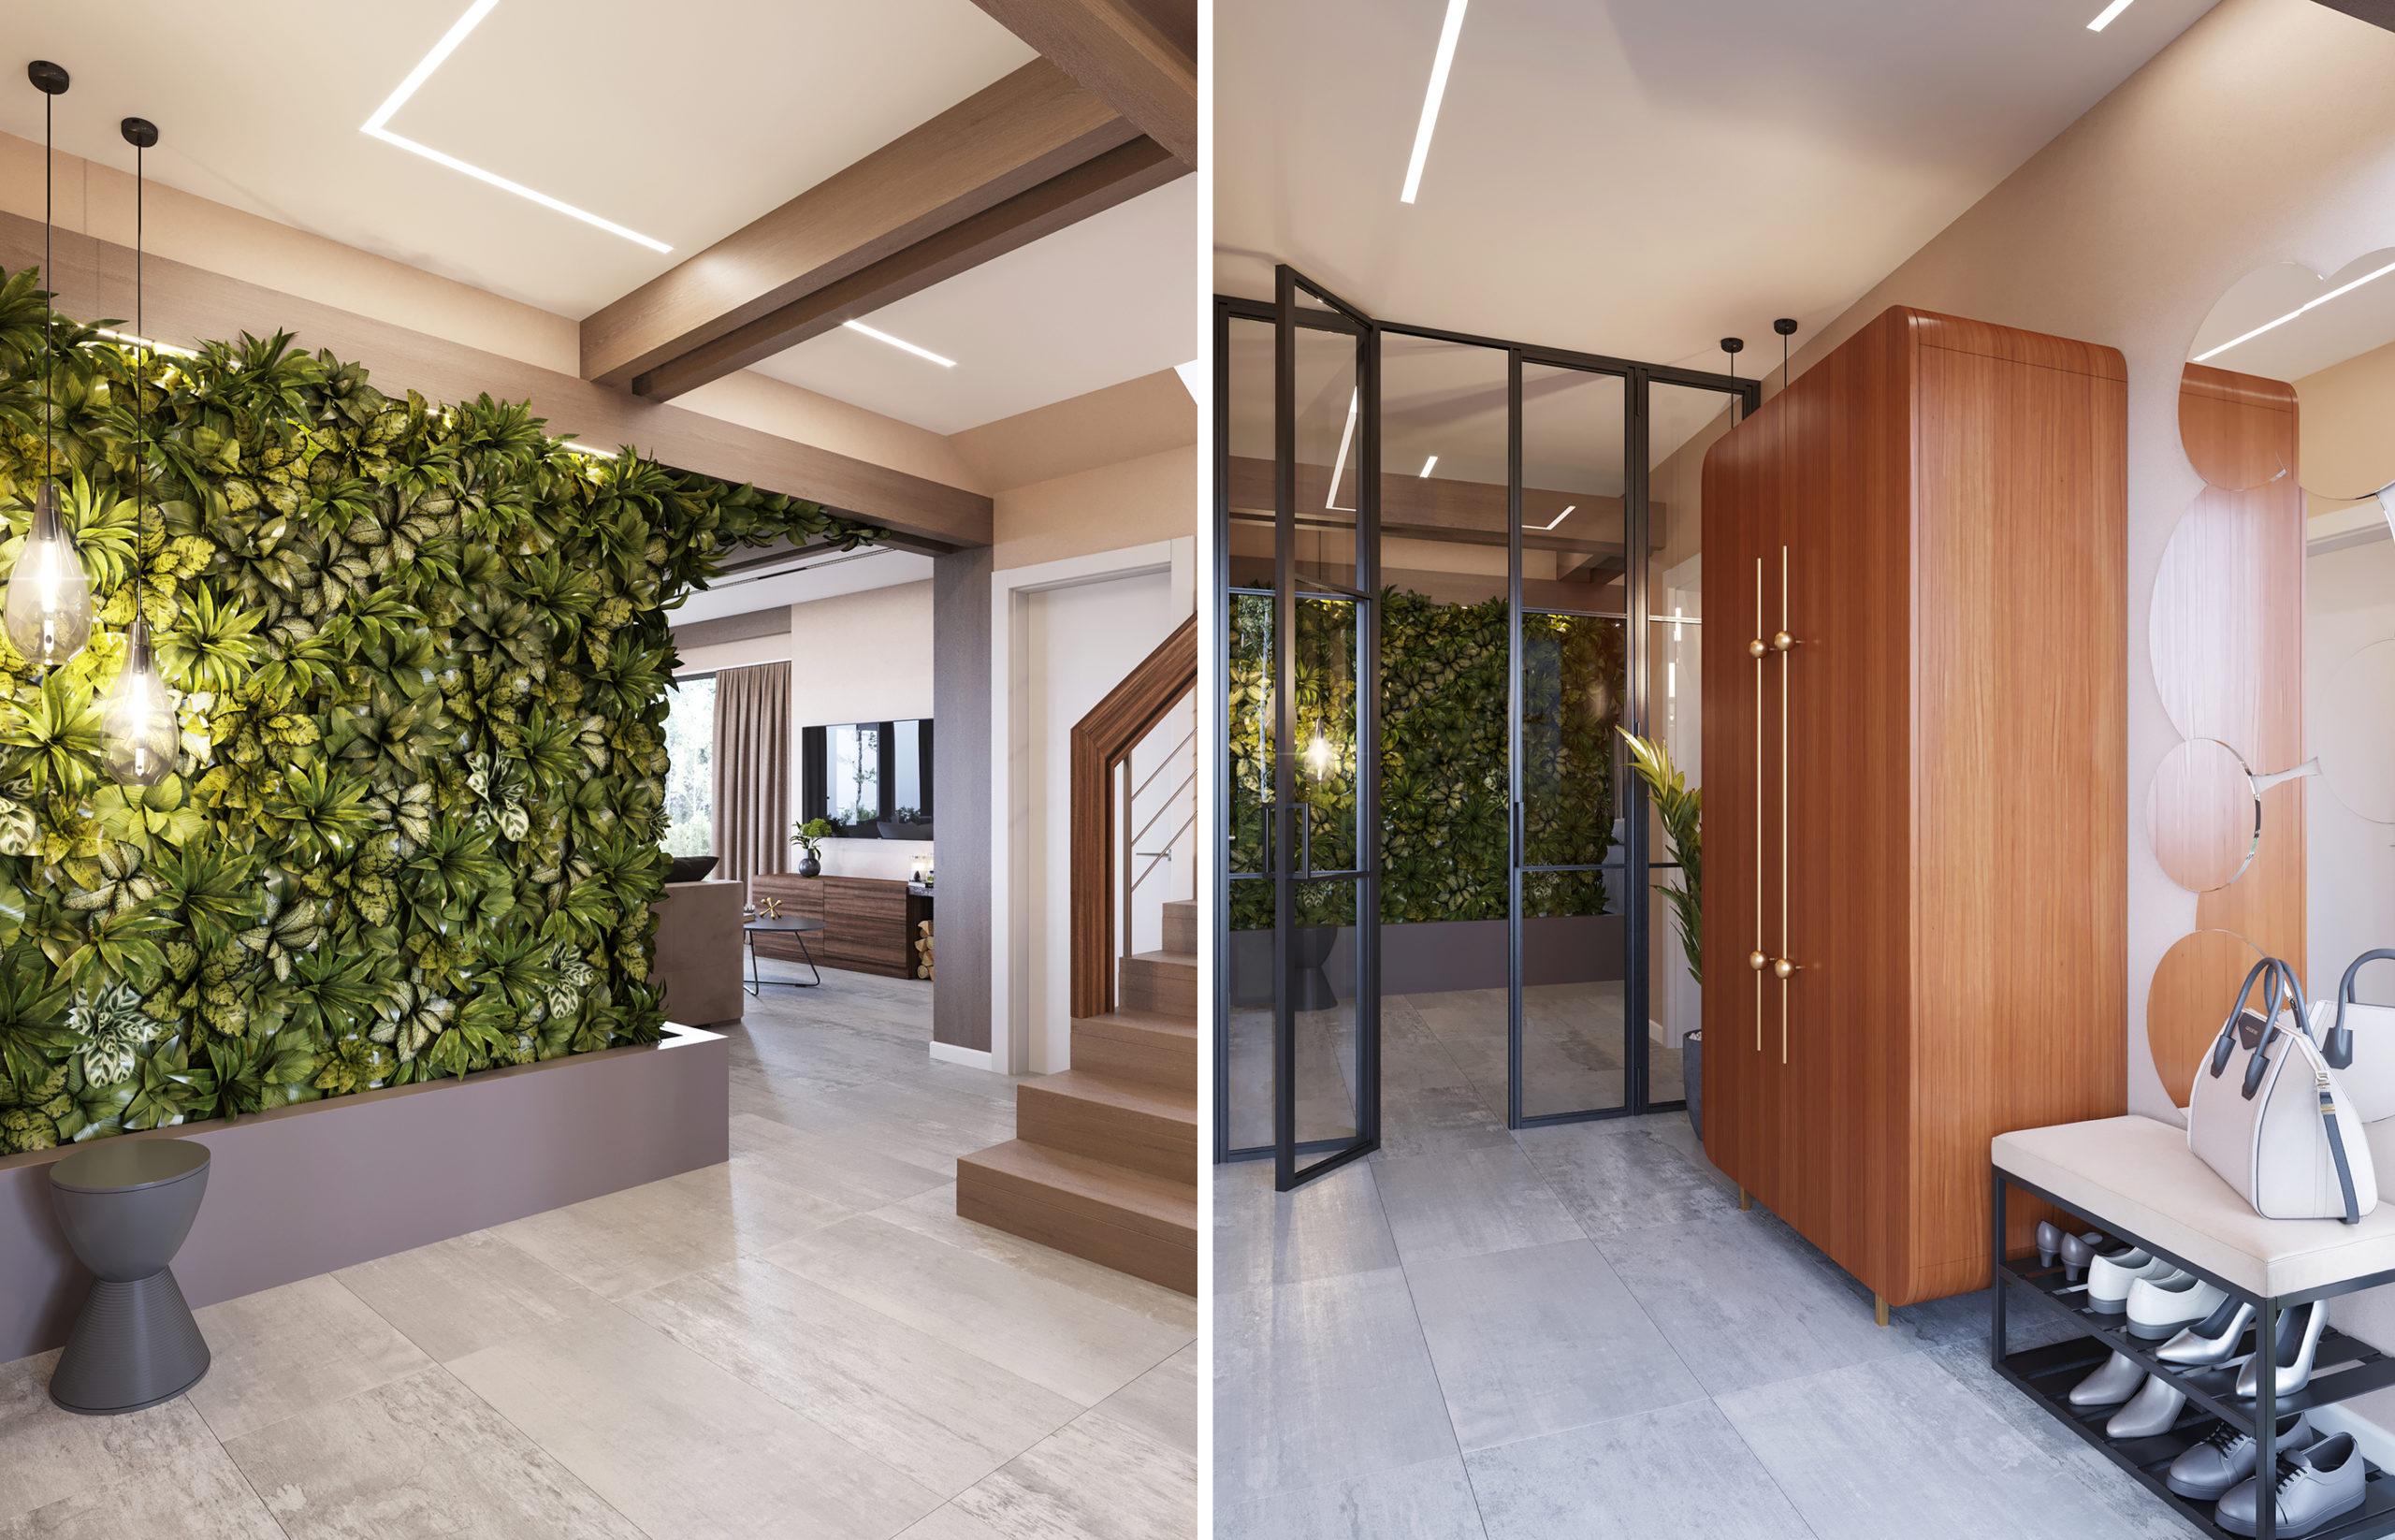 Стена их живых растений встречает жильцов дома уже на входе